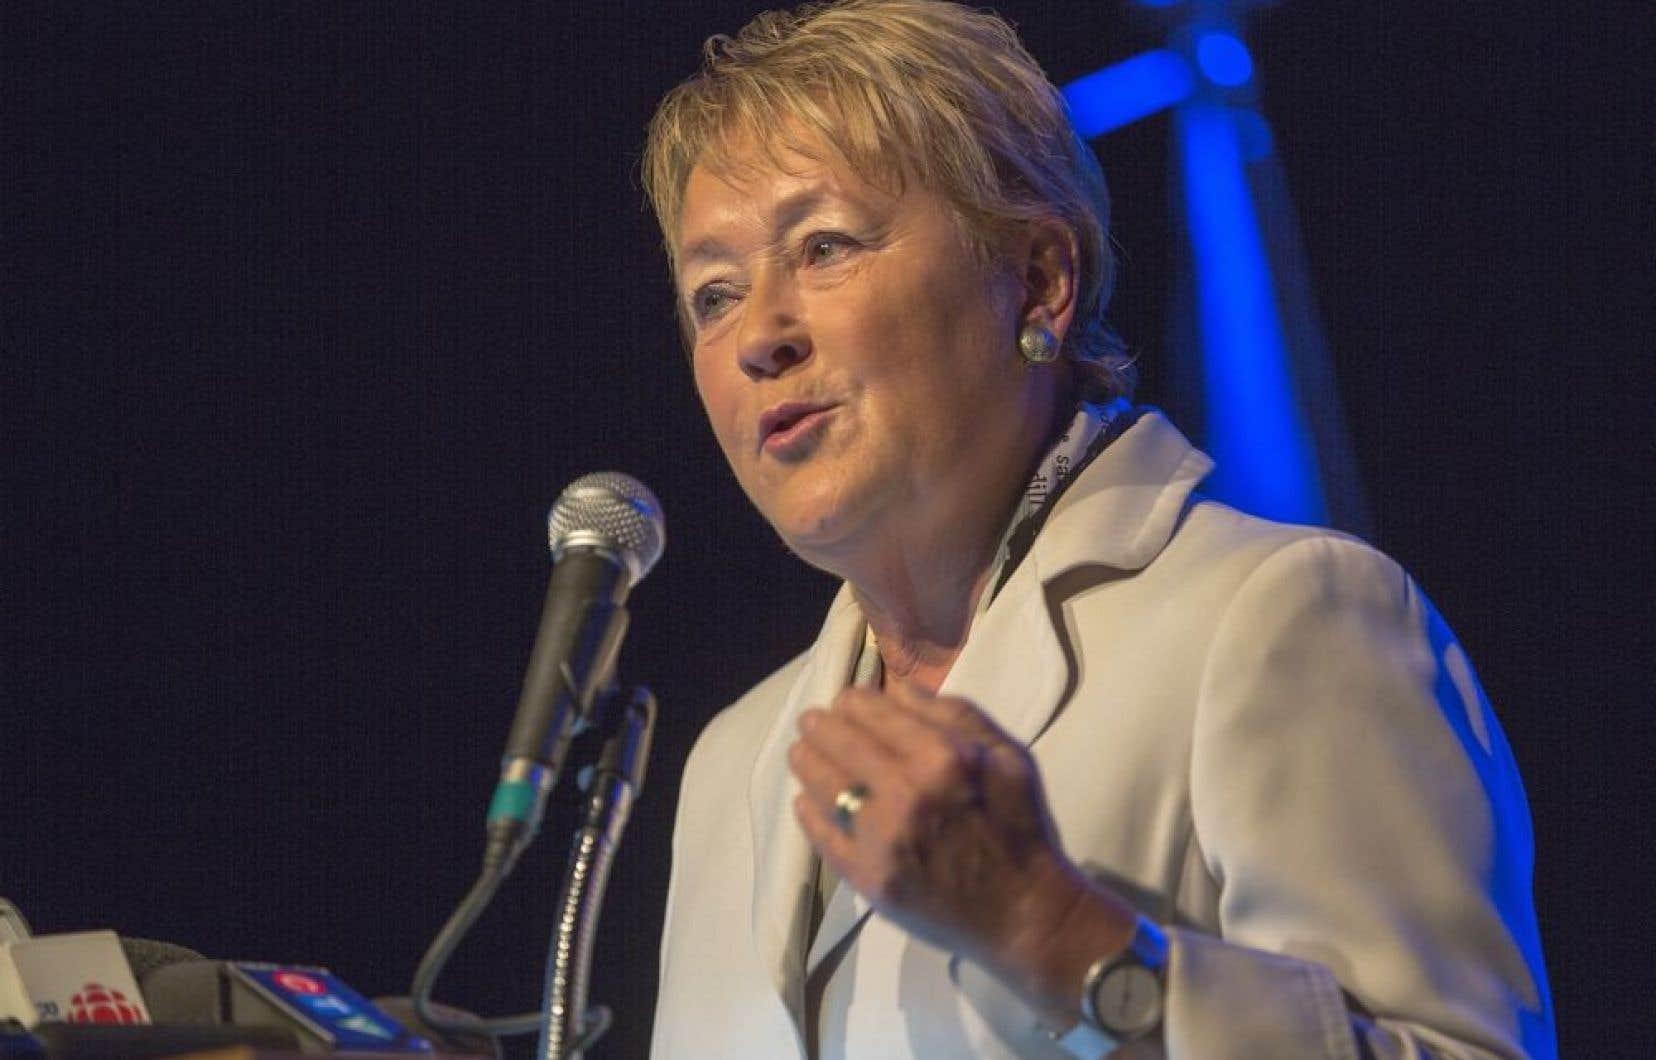 La première ministre a ajouté qu'elle appuyait les «orientations» de l'organisme québécois qui a soulevé la controverse au pays avec sa décision de bannir le port du turban, de patka ou de keski par les jeunes joueurs.